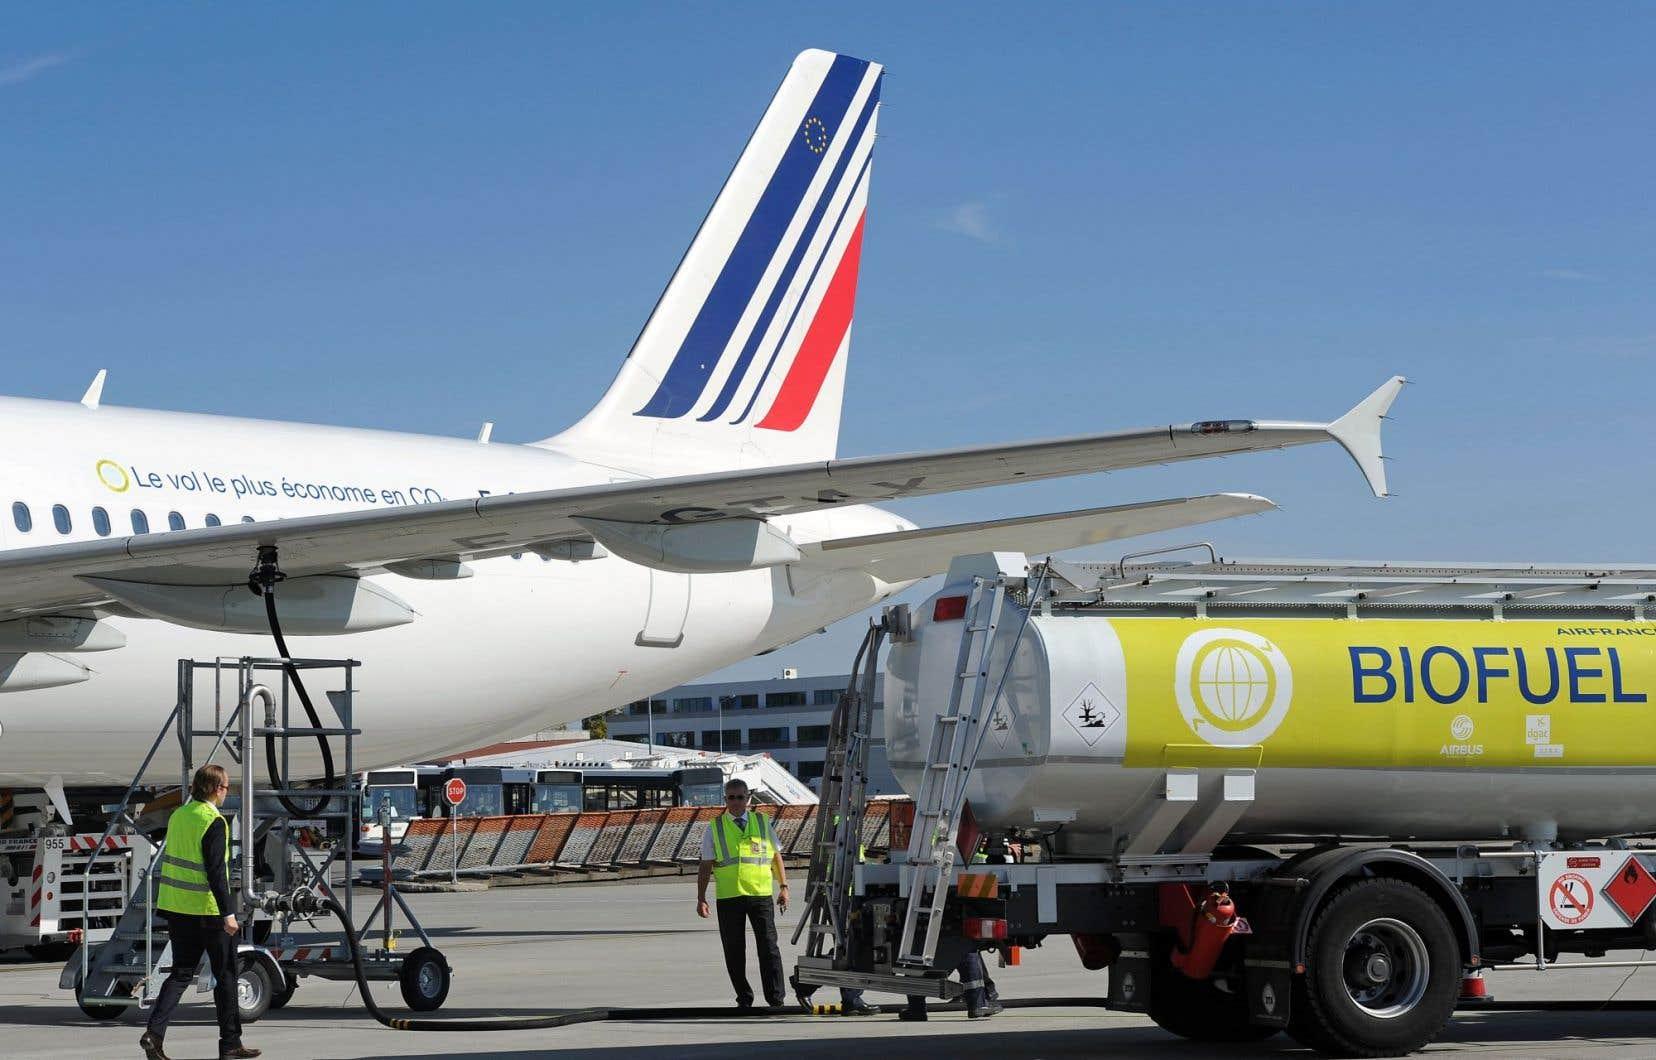 Le remplacement même partiel du kérosène par des biocarburants durables est l'un des quatre piliers privilégiés par l'Organisation de l'aviation civile internationale.